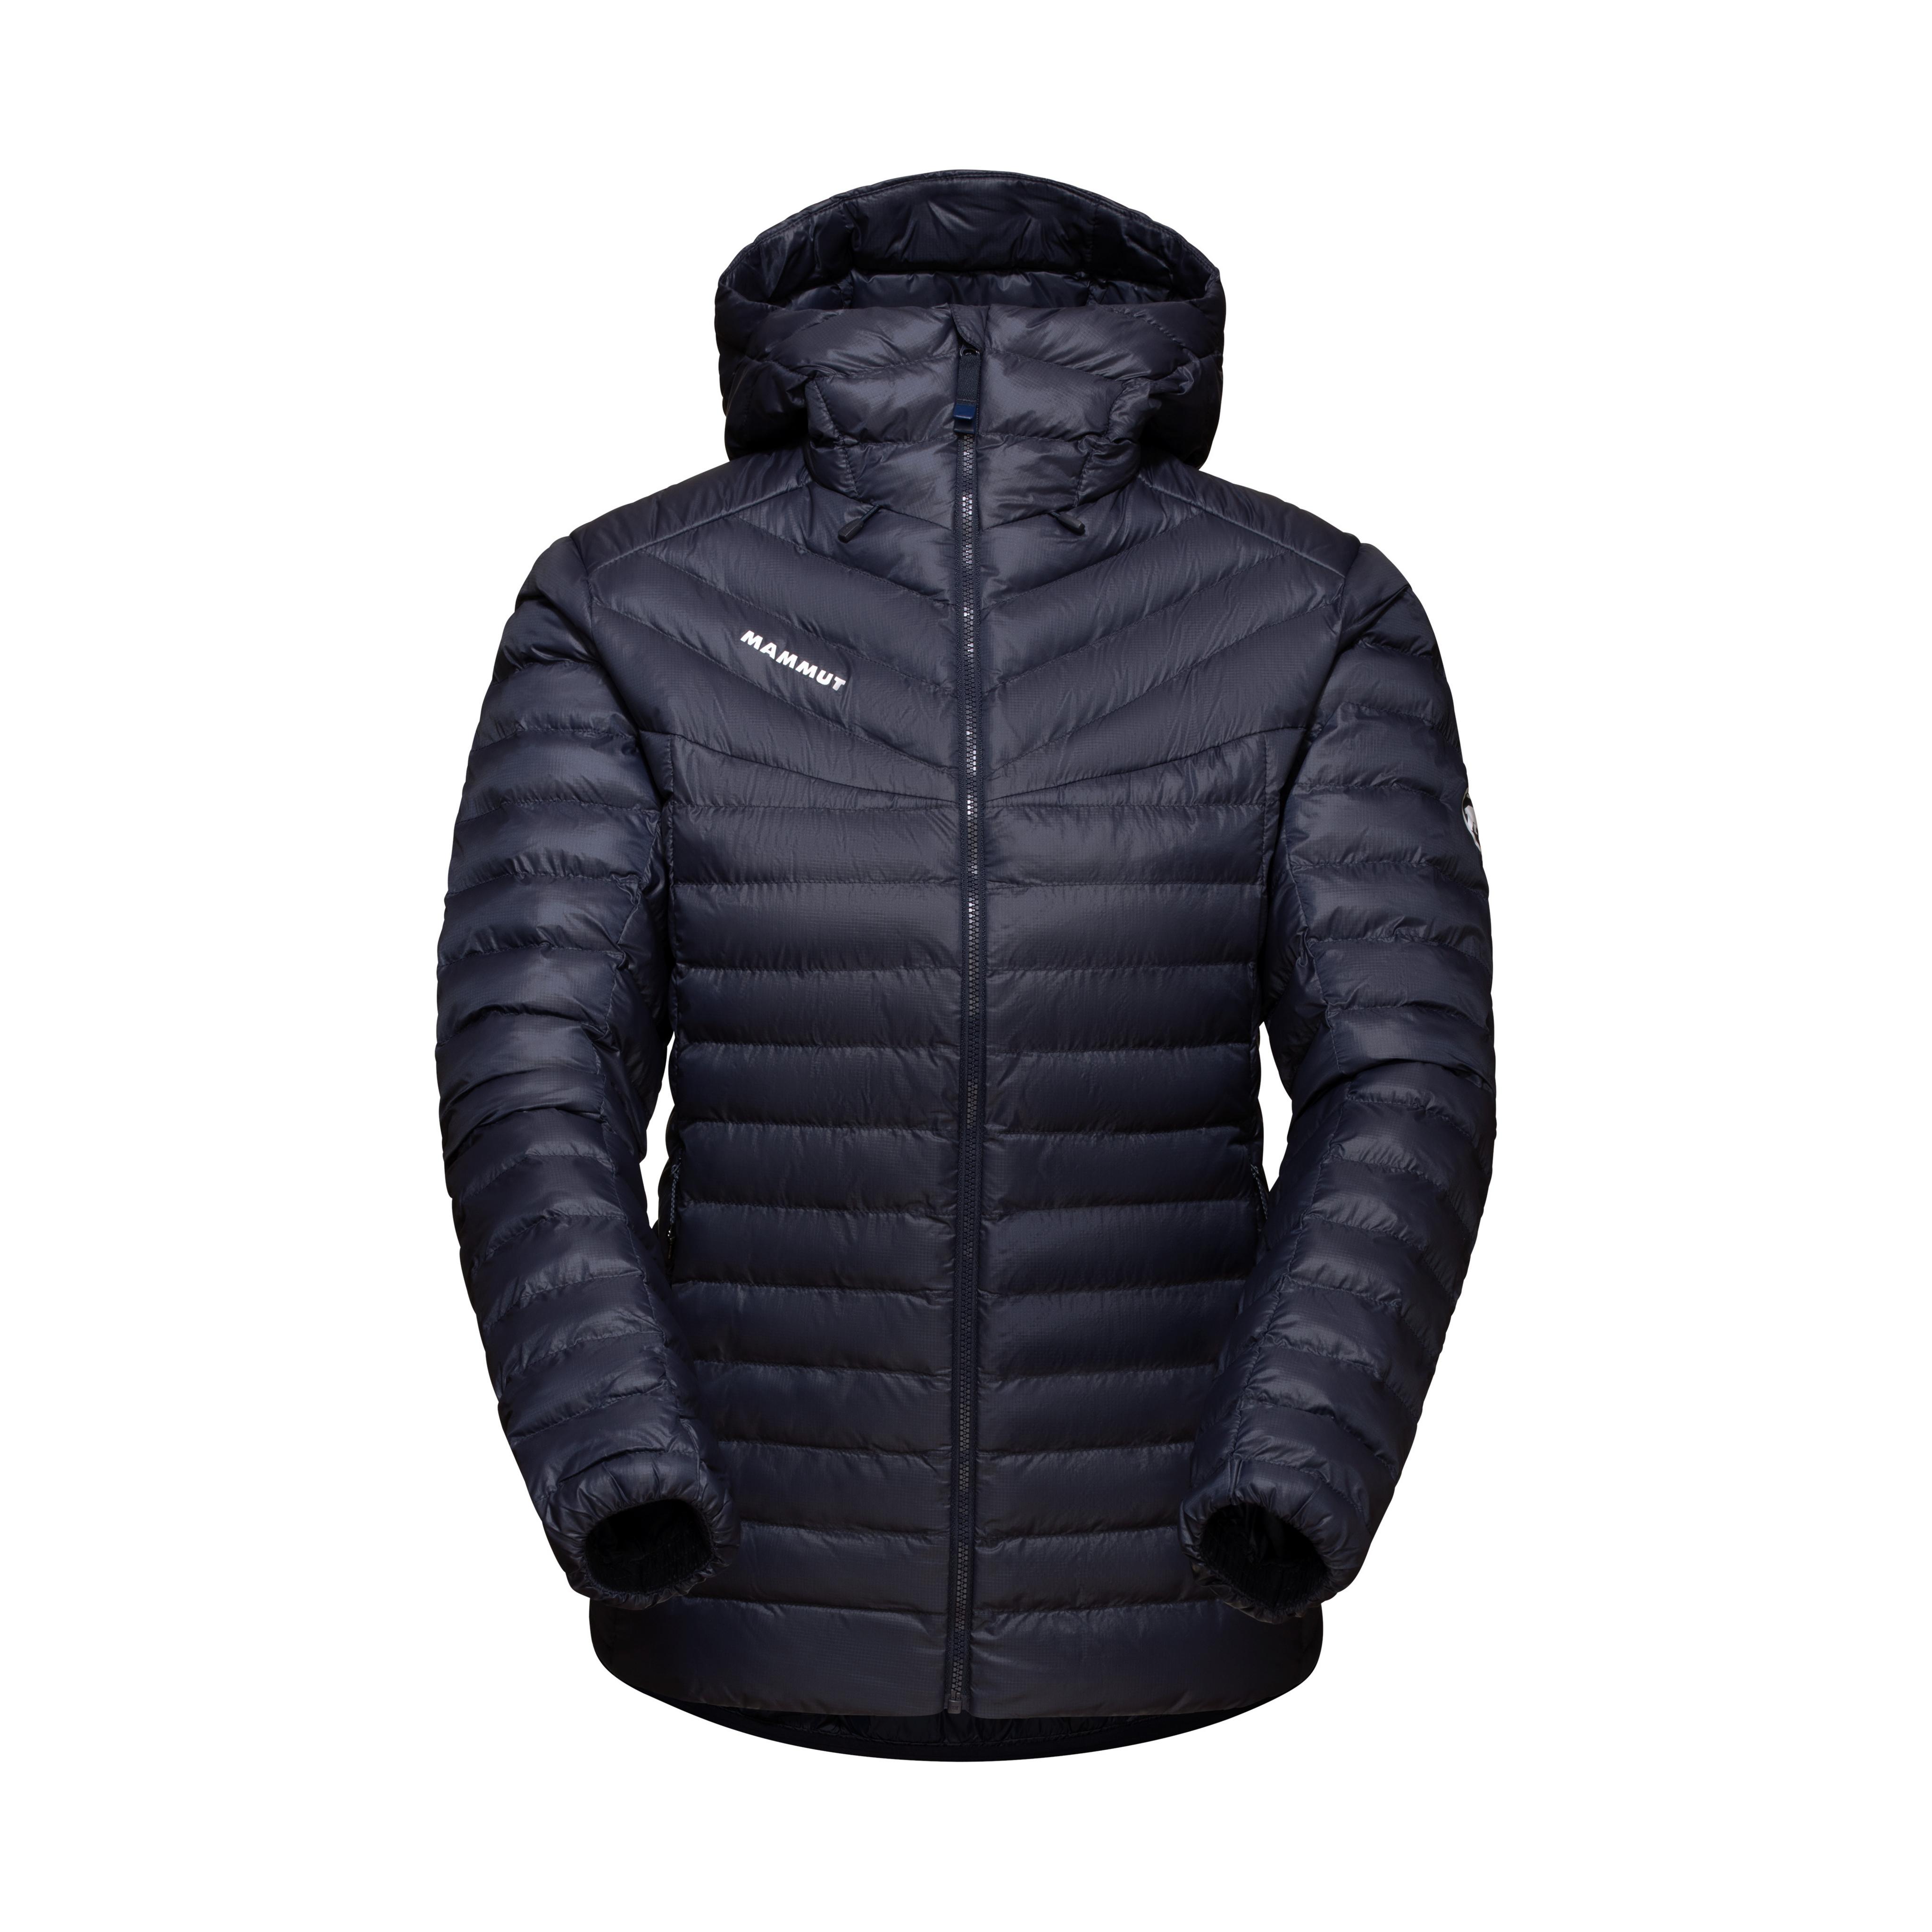 Albula IN Hooded Jacket Women - marine, XS product image